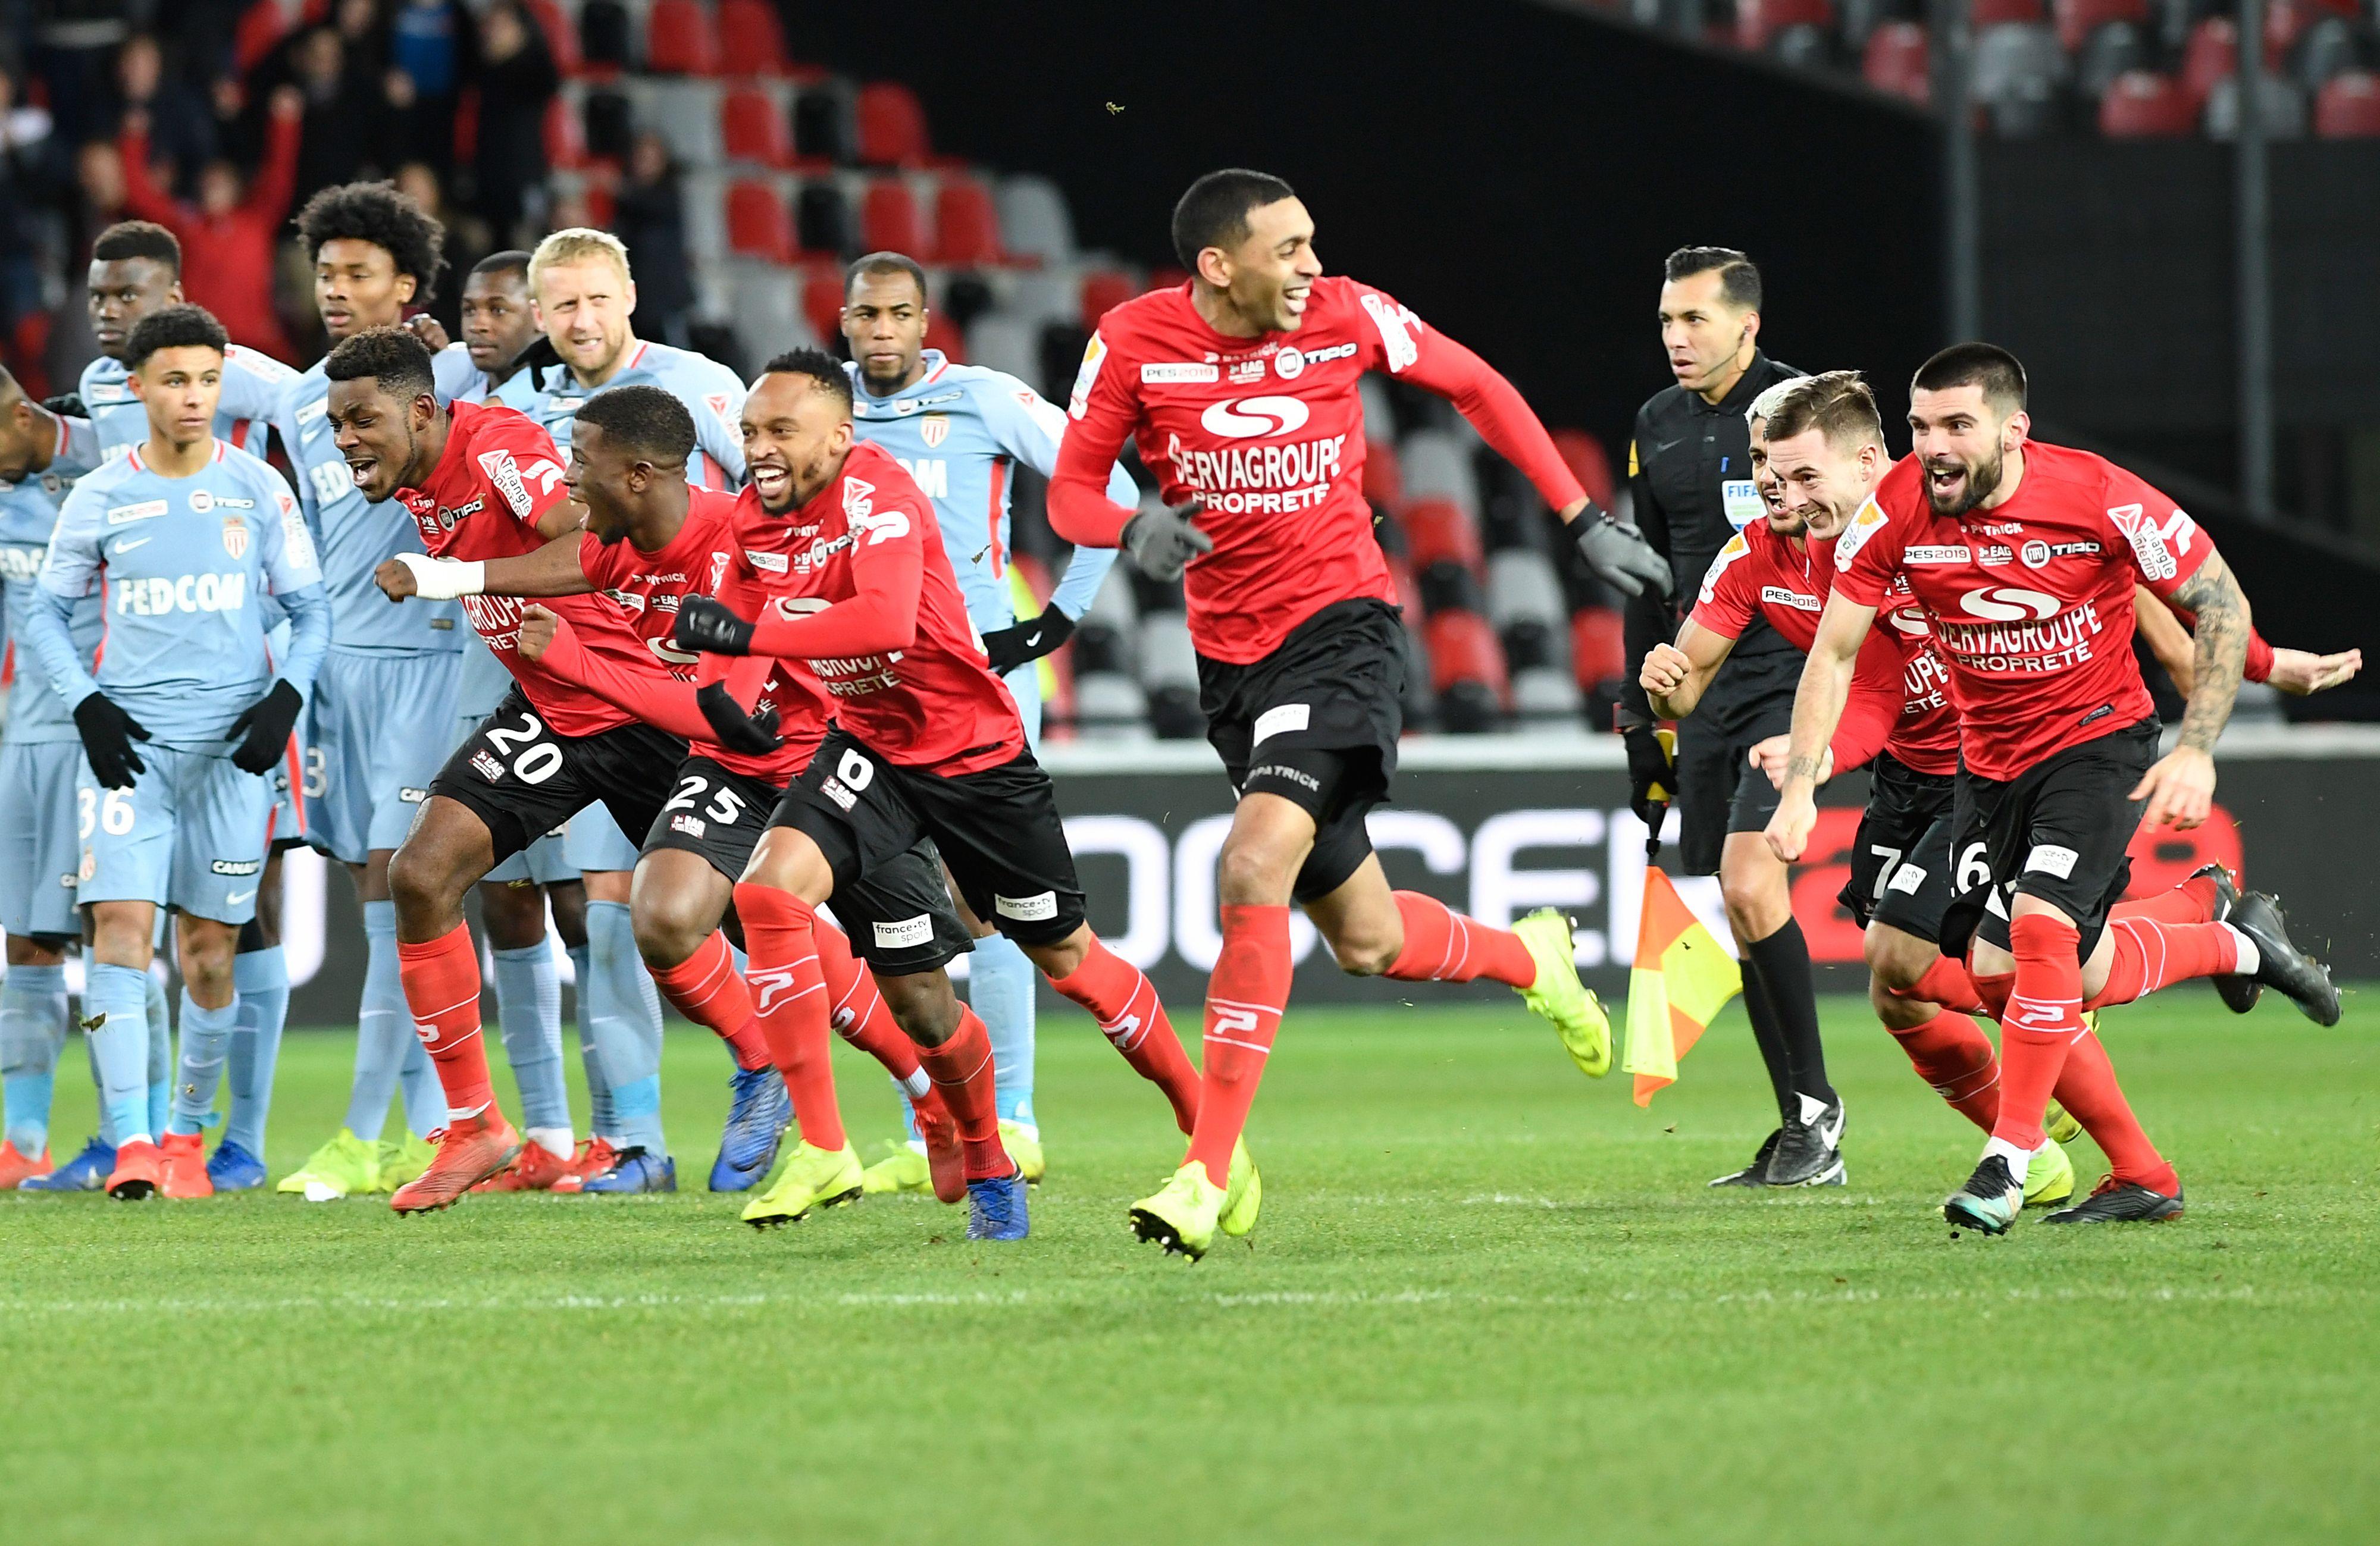 Guingamp d go te le monaco de jardim et se hisse en finale coupe de la ligue football - Football coupe de la ligue direct ...